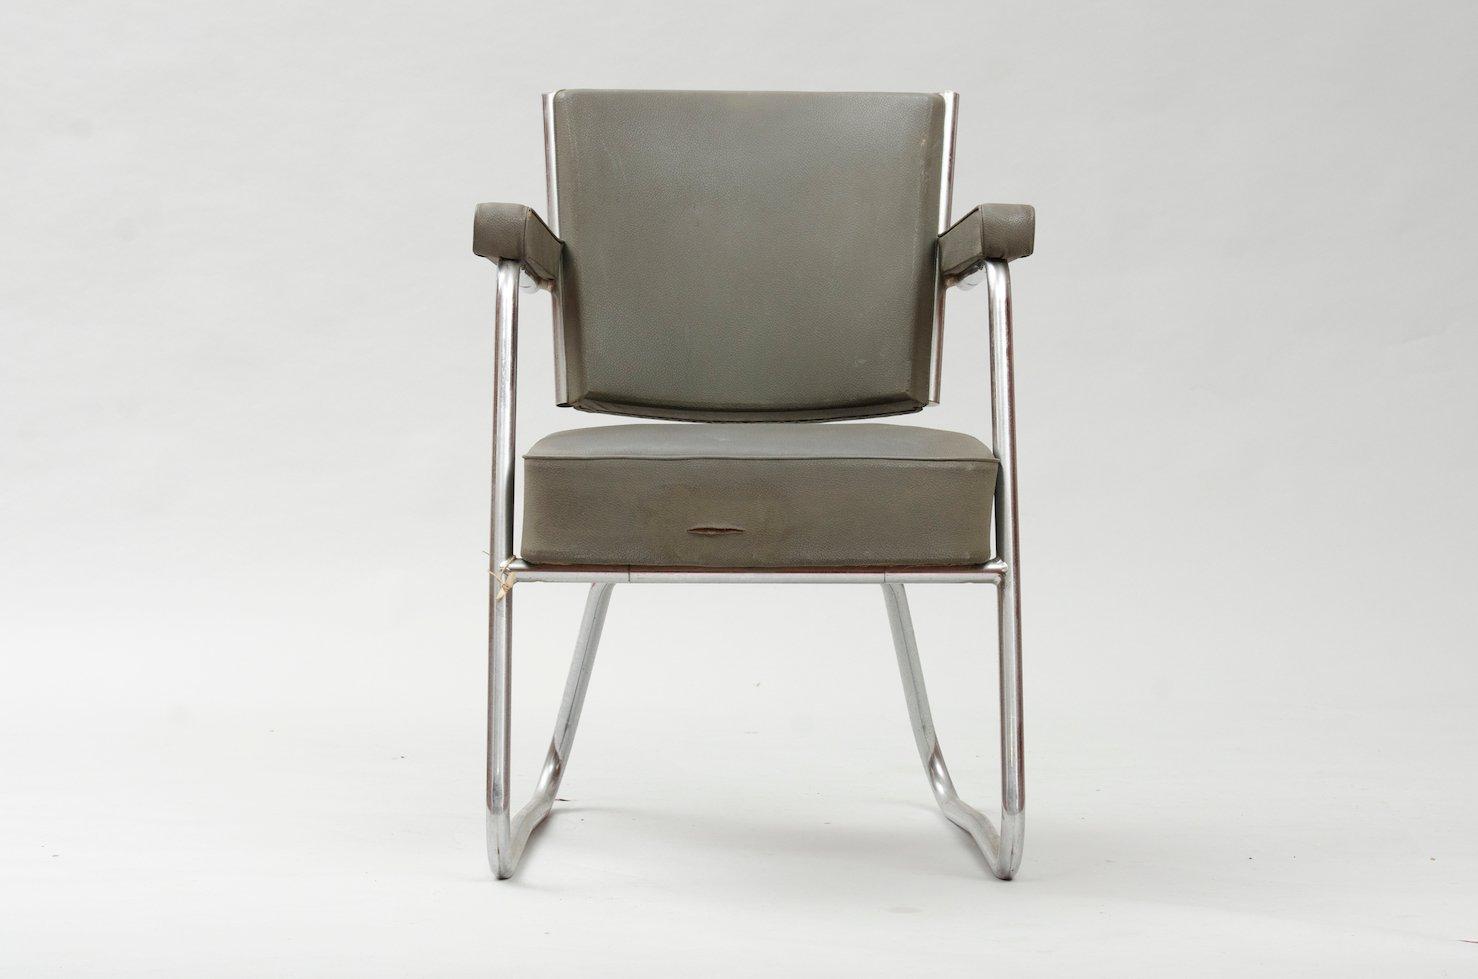 modernistischer vintage schreibtischstuhl bei pamono kaufen. Black Bedroom Furniture Sets. Home Design Ideas